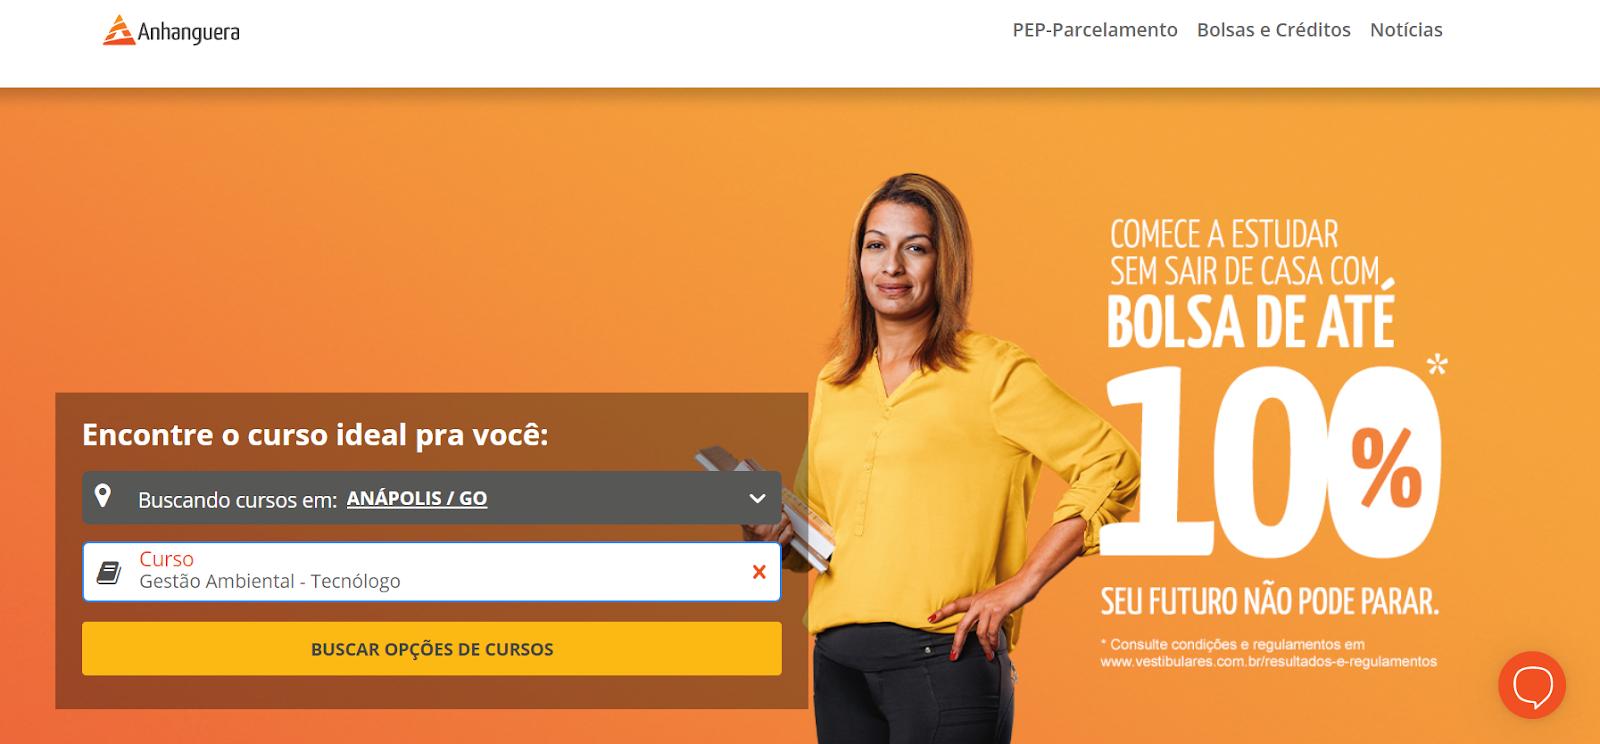 Anhanguera Anápolis: confira cursos e preços  no Portal Vestibulares